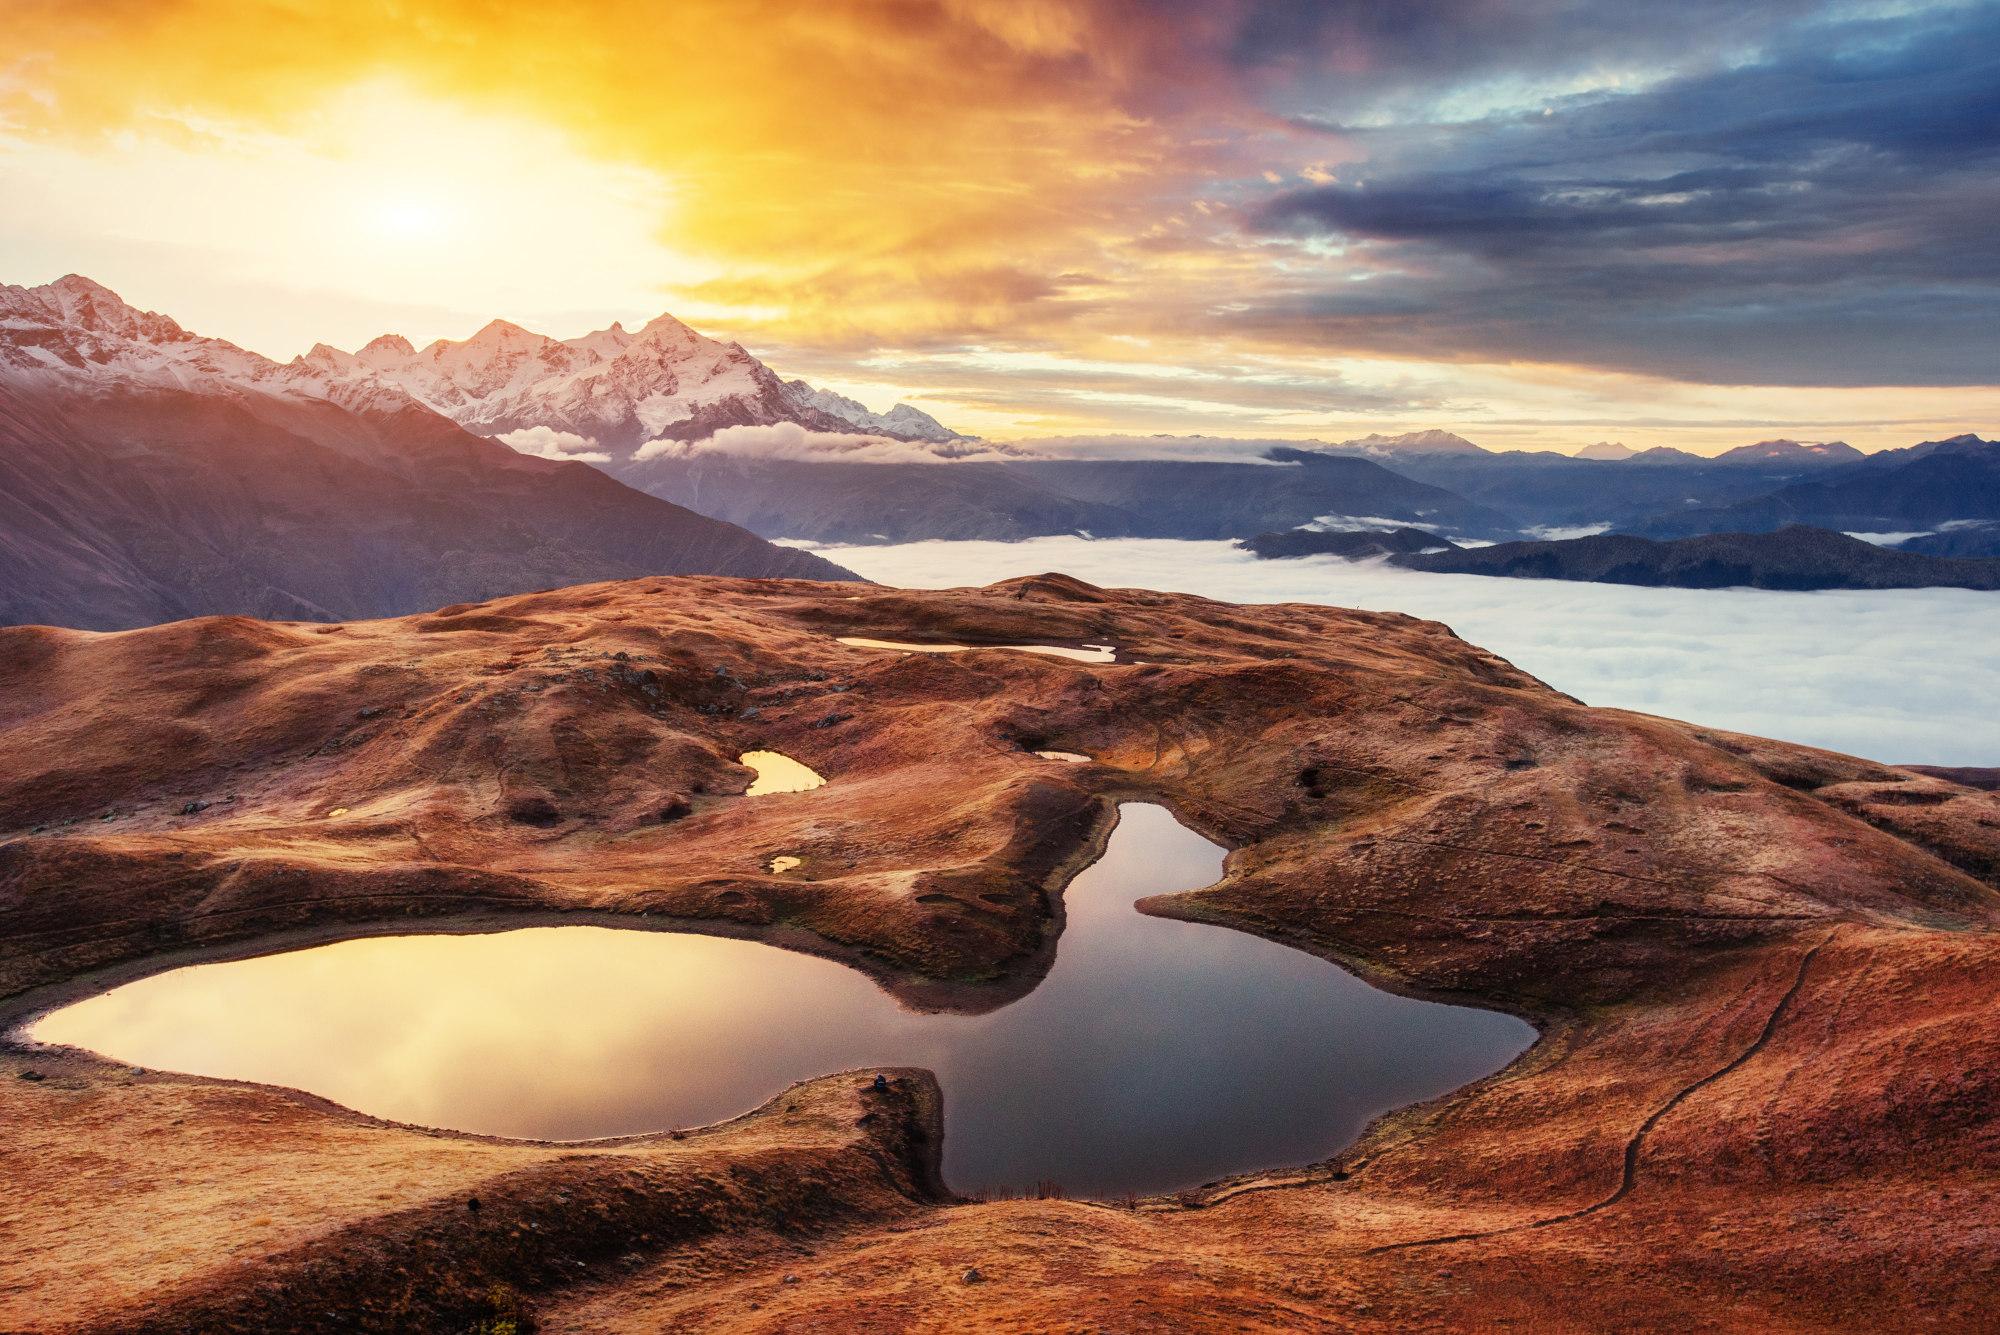 Sunrise over the Great Caucusus